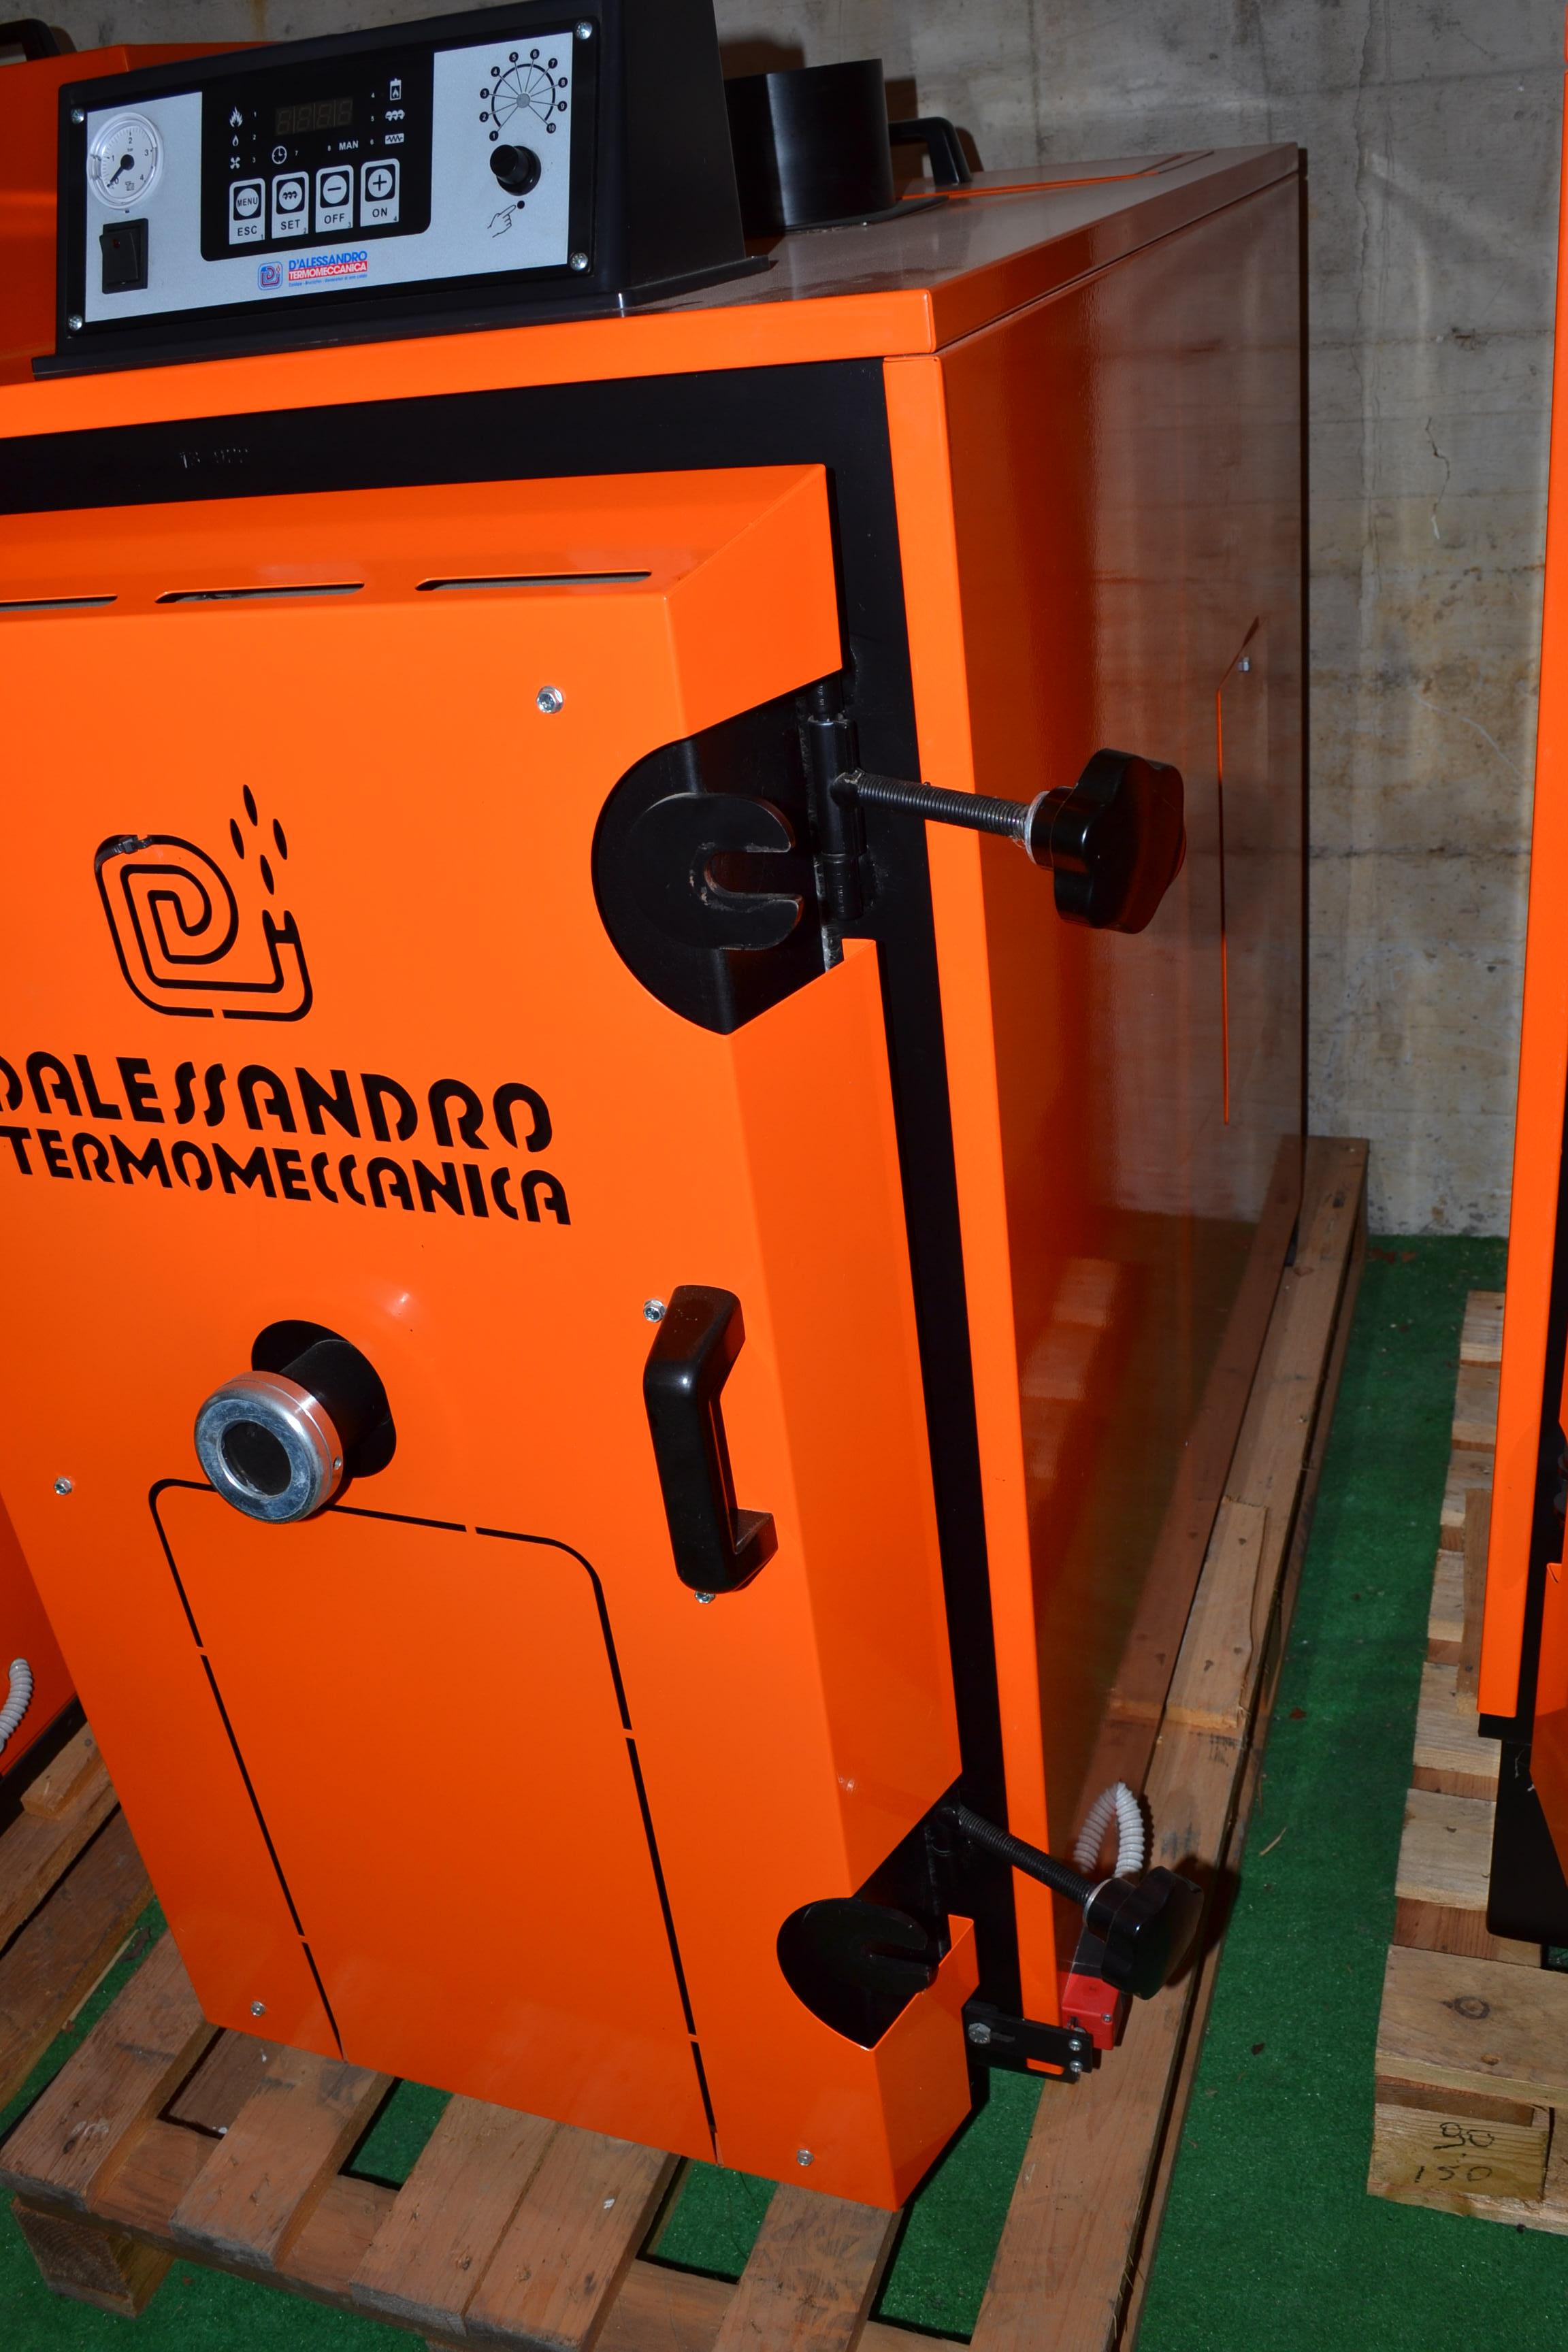 Caldaia biomassa d 39 alessandro csi c 30 r a g for D alessandro termomeccanica modello clp